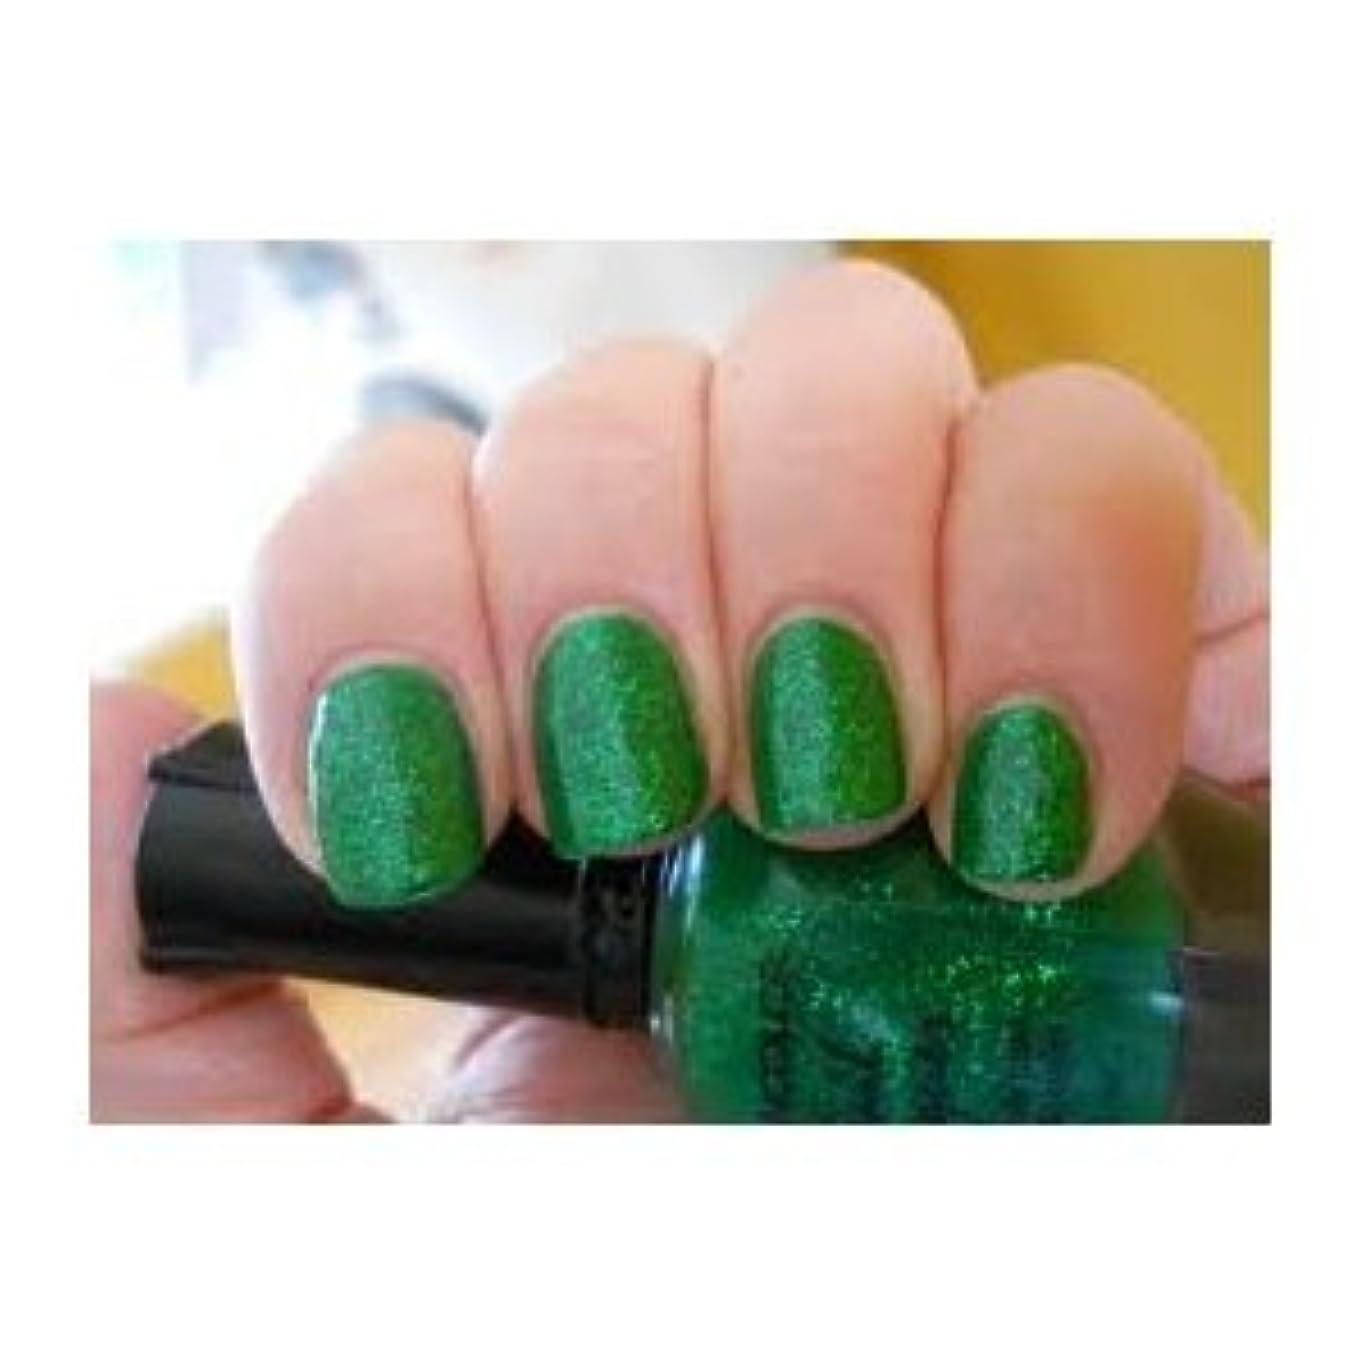 可愛いバー提供するKLEANCOLOR Nail Lacquer 2 - Green Grass (並行輸入品)